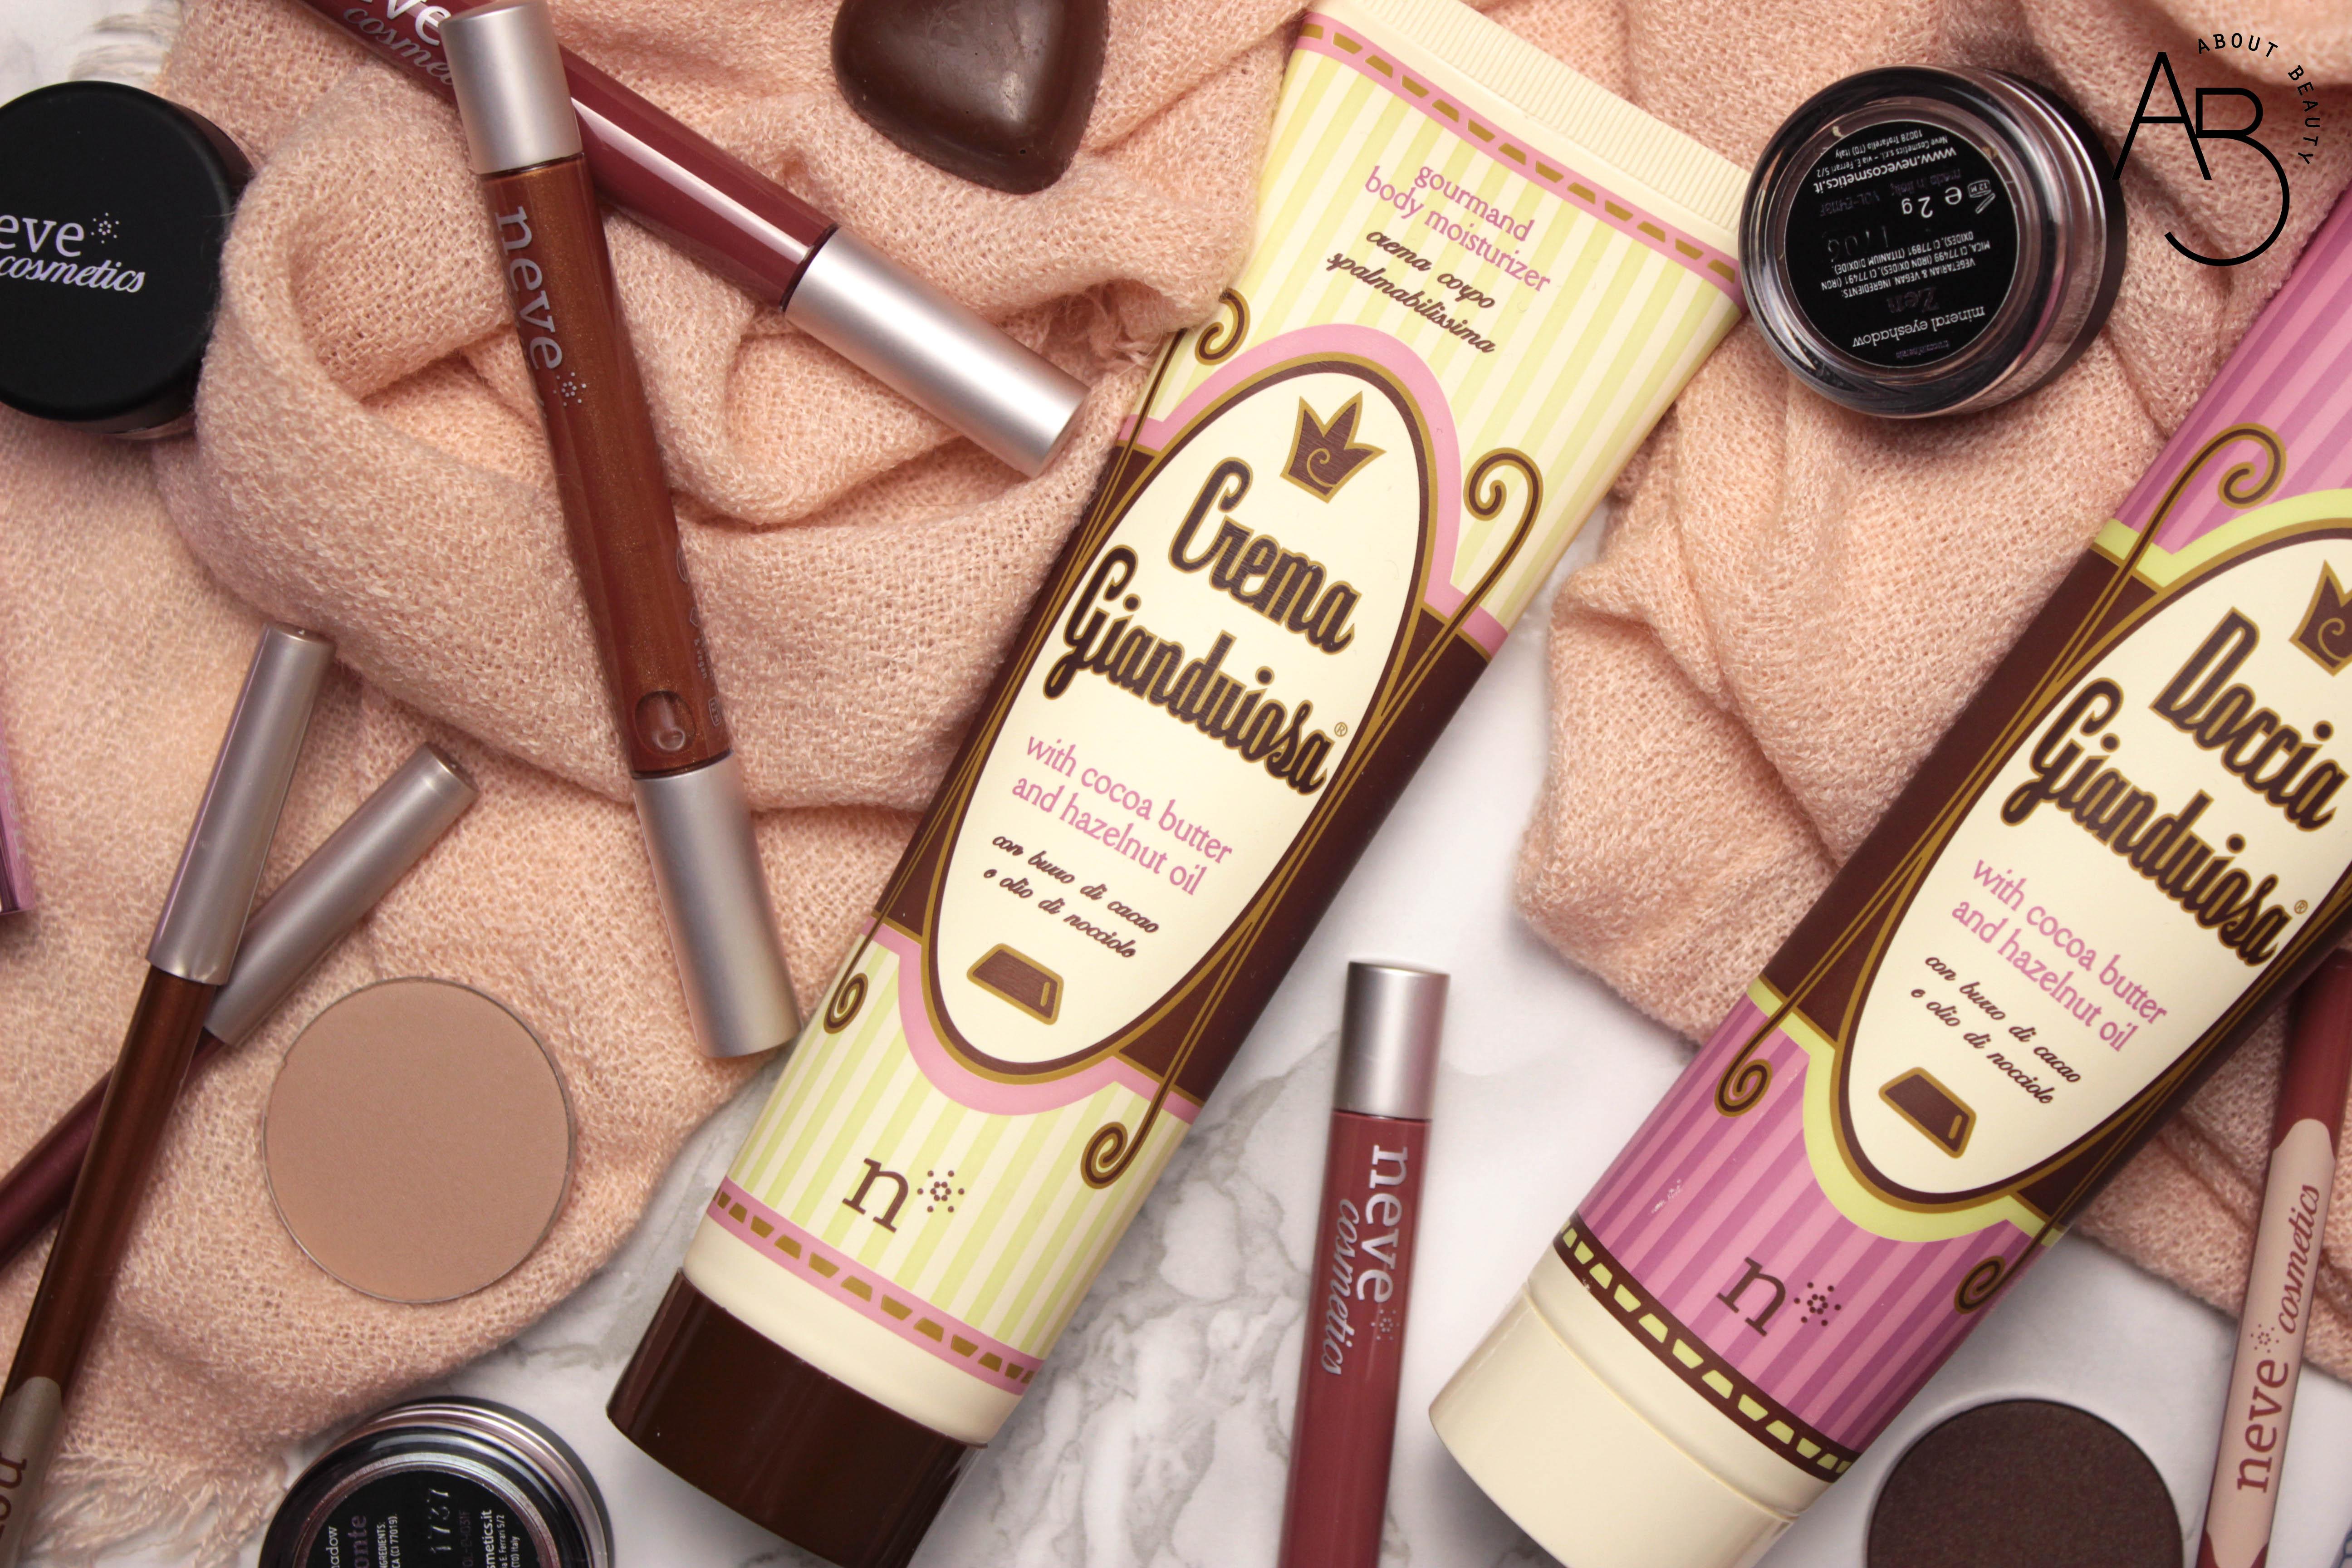 Doccia gianduiosa Neve Cosmetics - Review, recensione, info, prezzo, dove acquistare - Chocolate Valentine Promo - Crema Gianduiosa